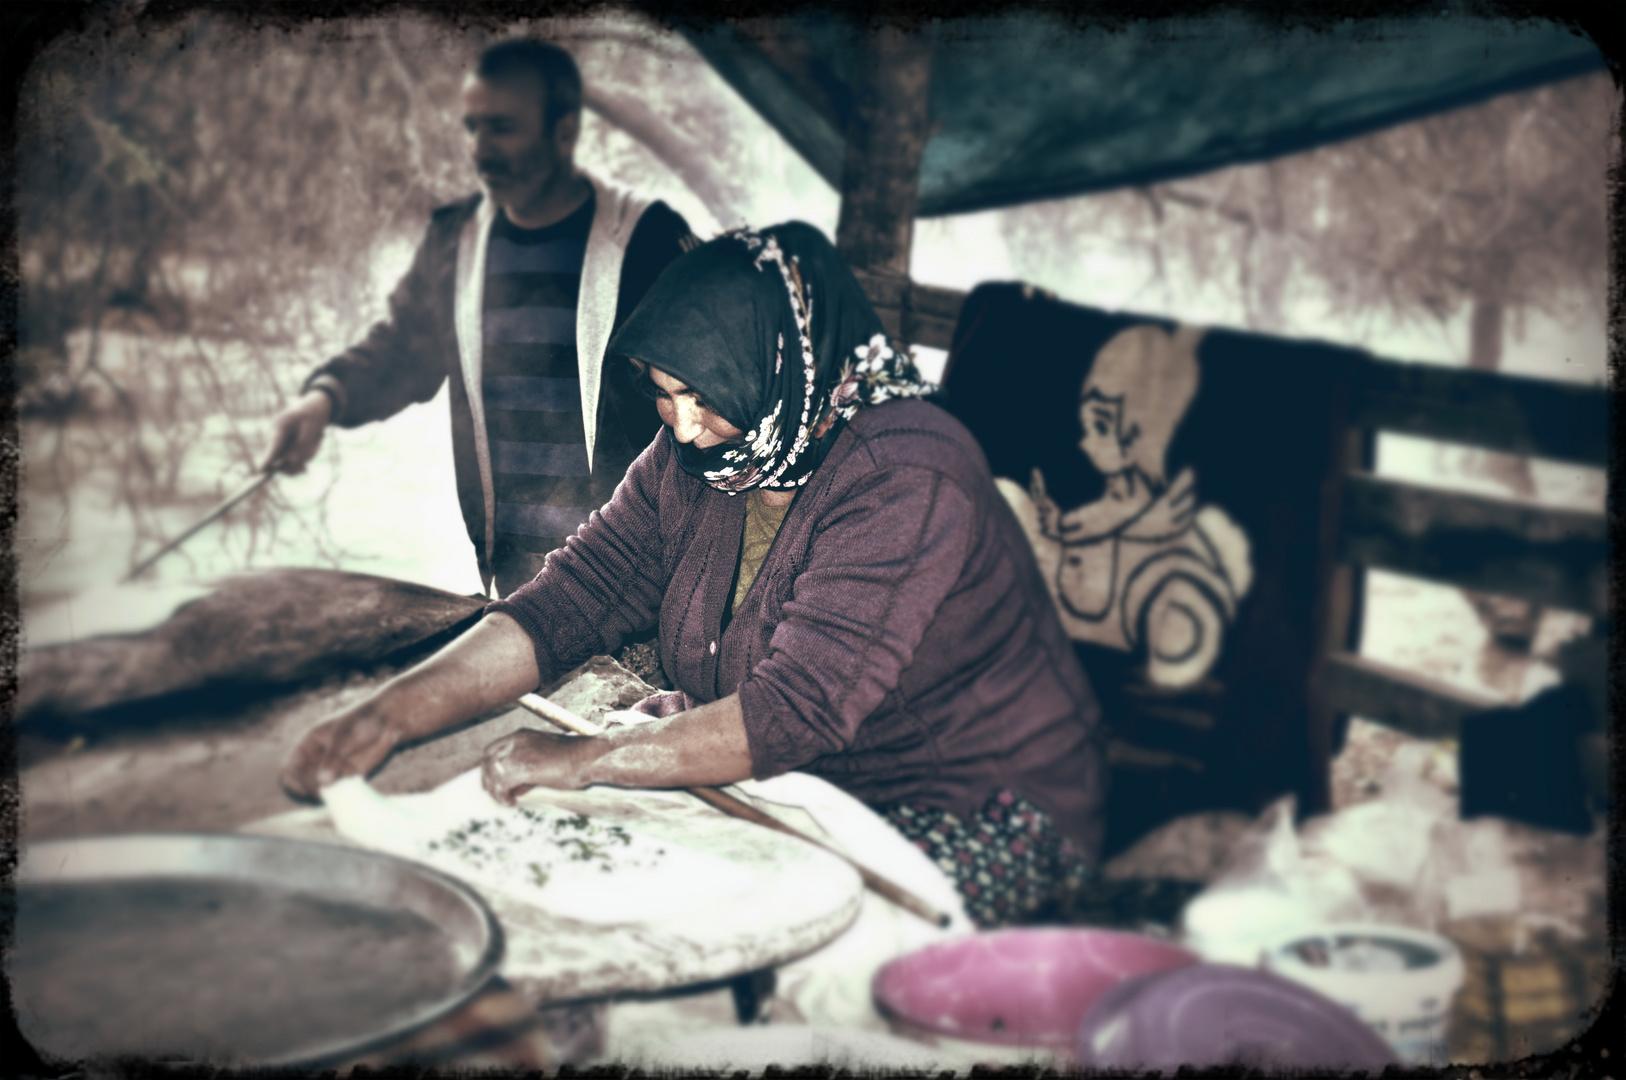 Frau macht Fladenbrot (Türkei)